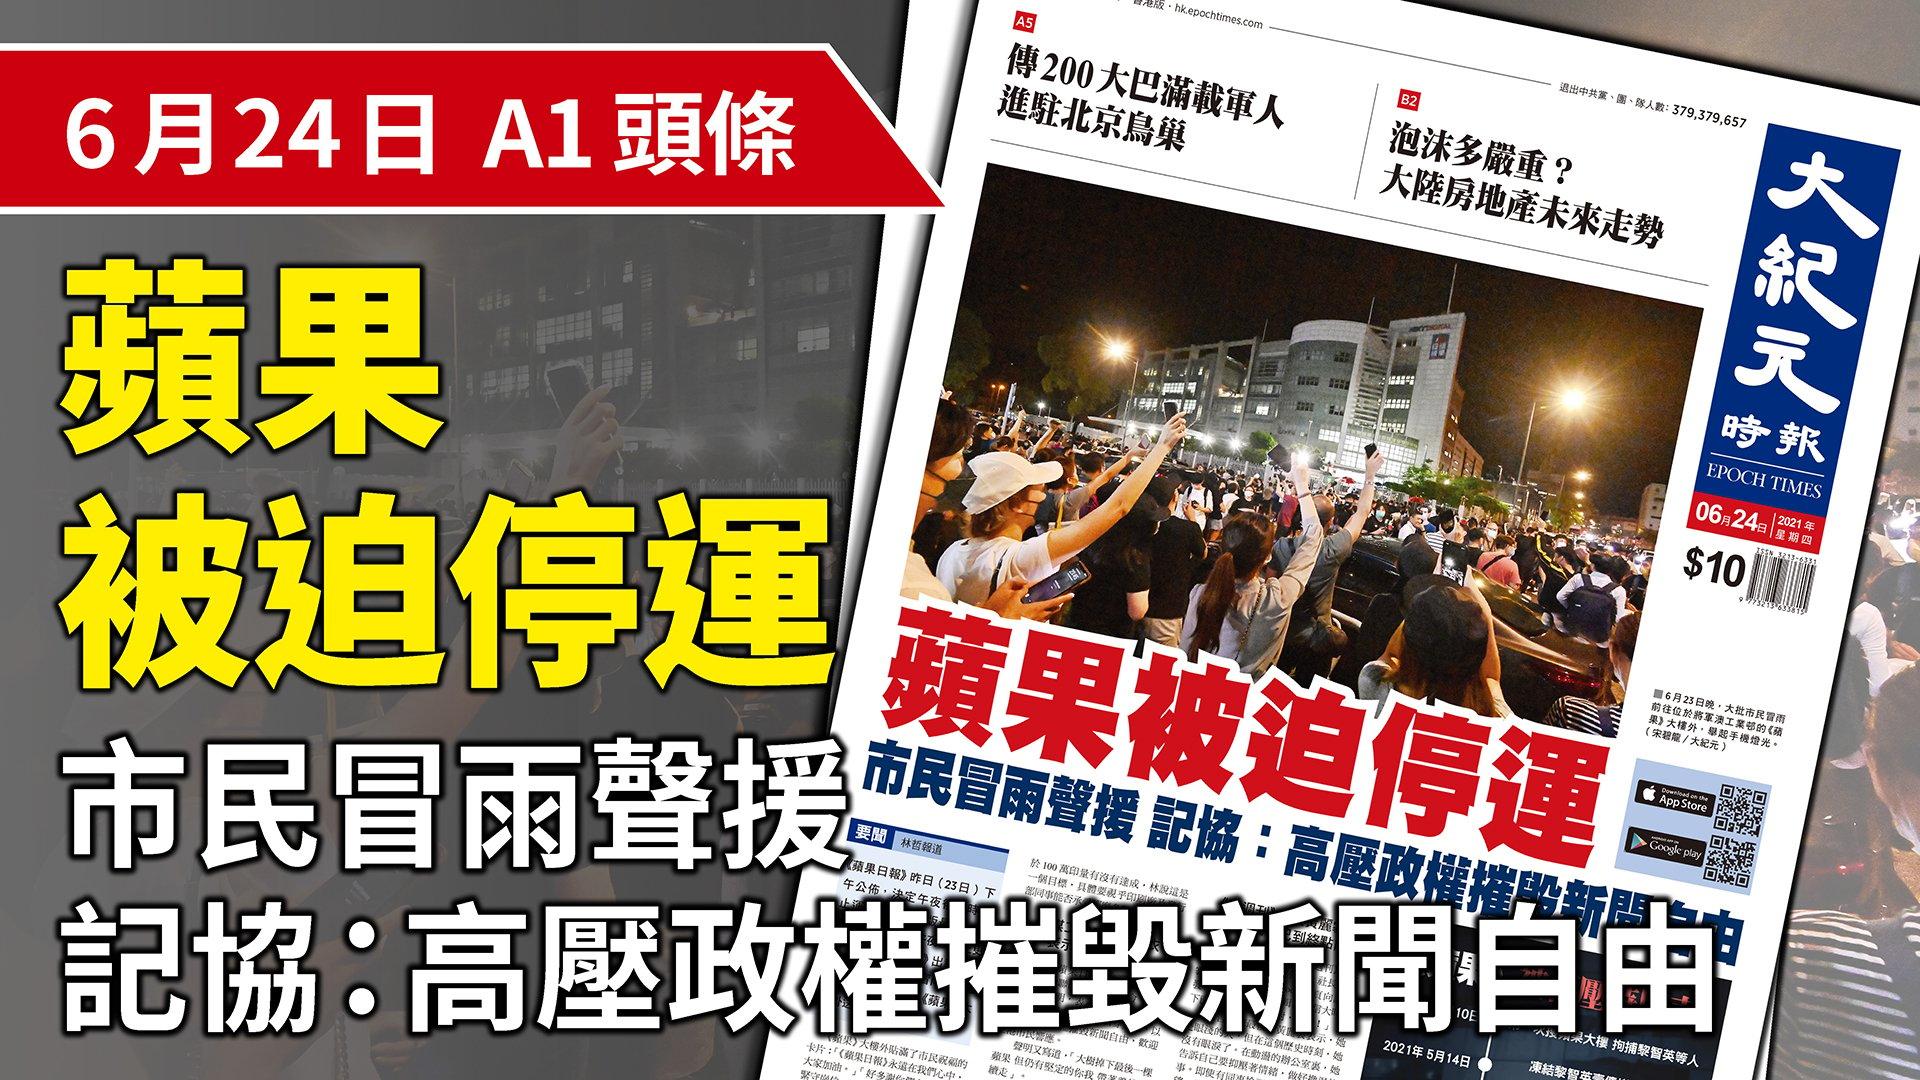 6月23日晚,=大批市民冒雨前往位於將軍澳工業邨的《蘋果》大樓外,舉起手機燈光。( 宋碧龍/大紀元)